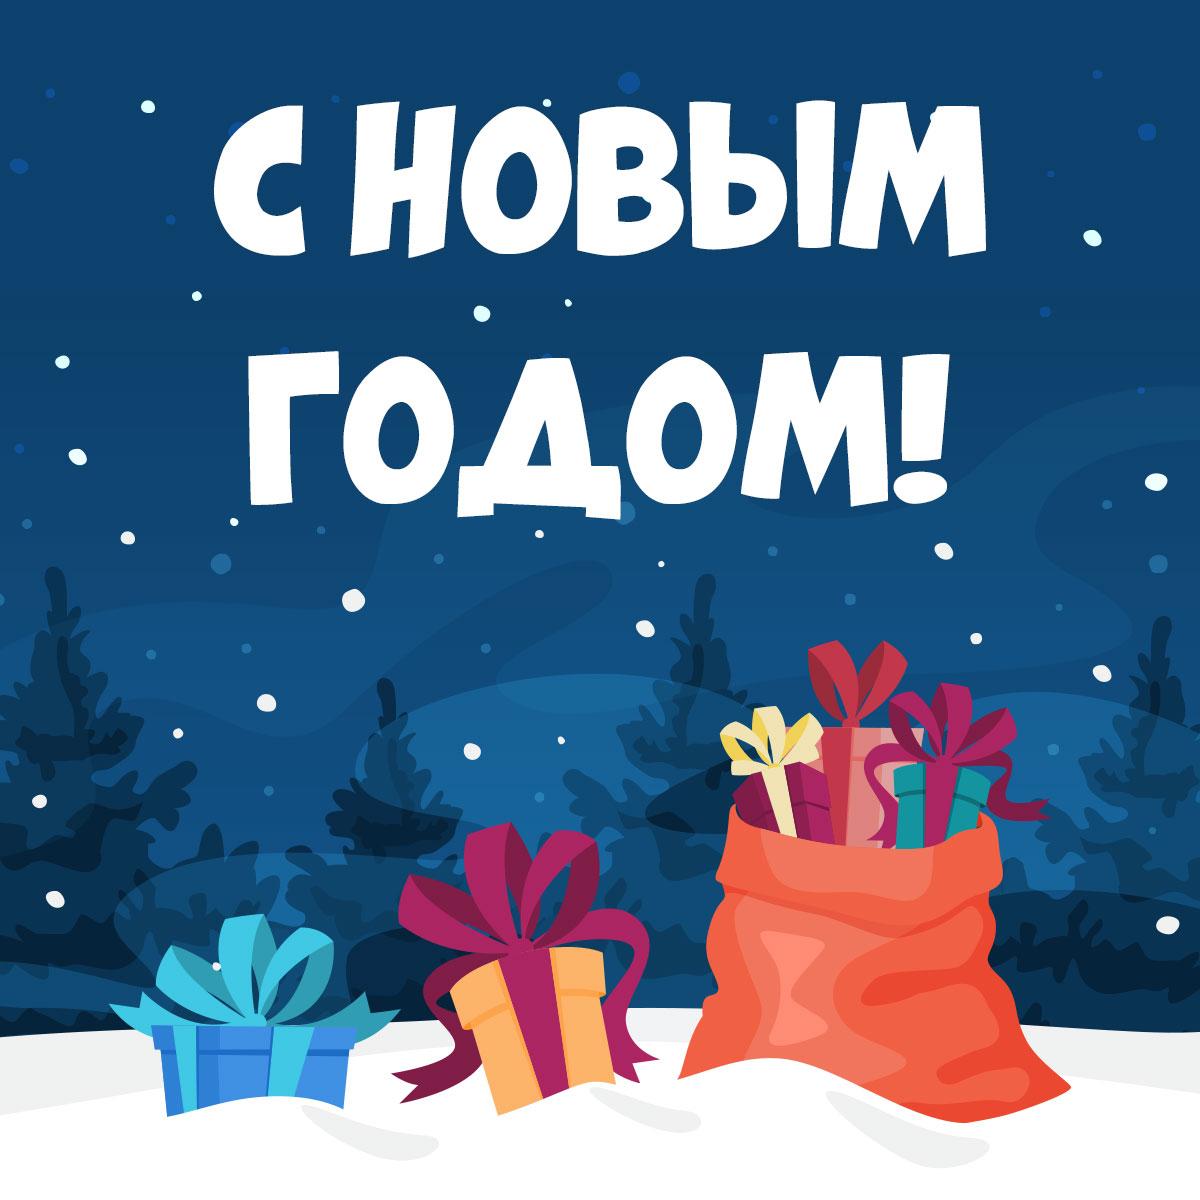 Картинка с текстом - мультипликационный фон для открытки на новый год с ёлками и коробками для подарков в зимнем пейзаже.